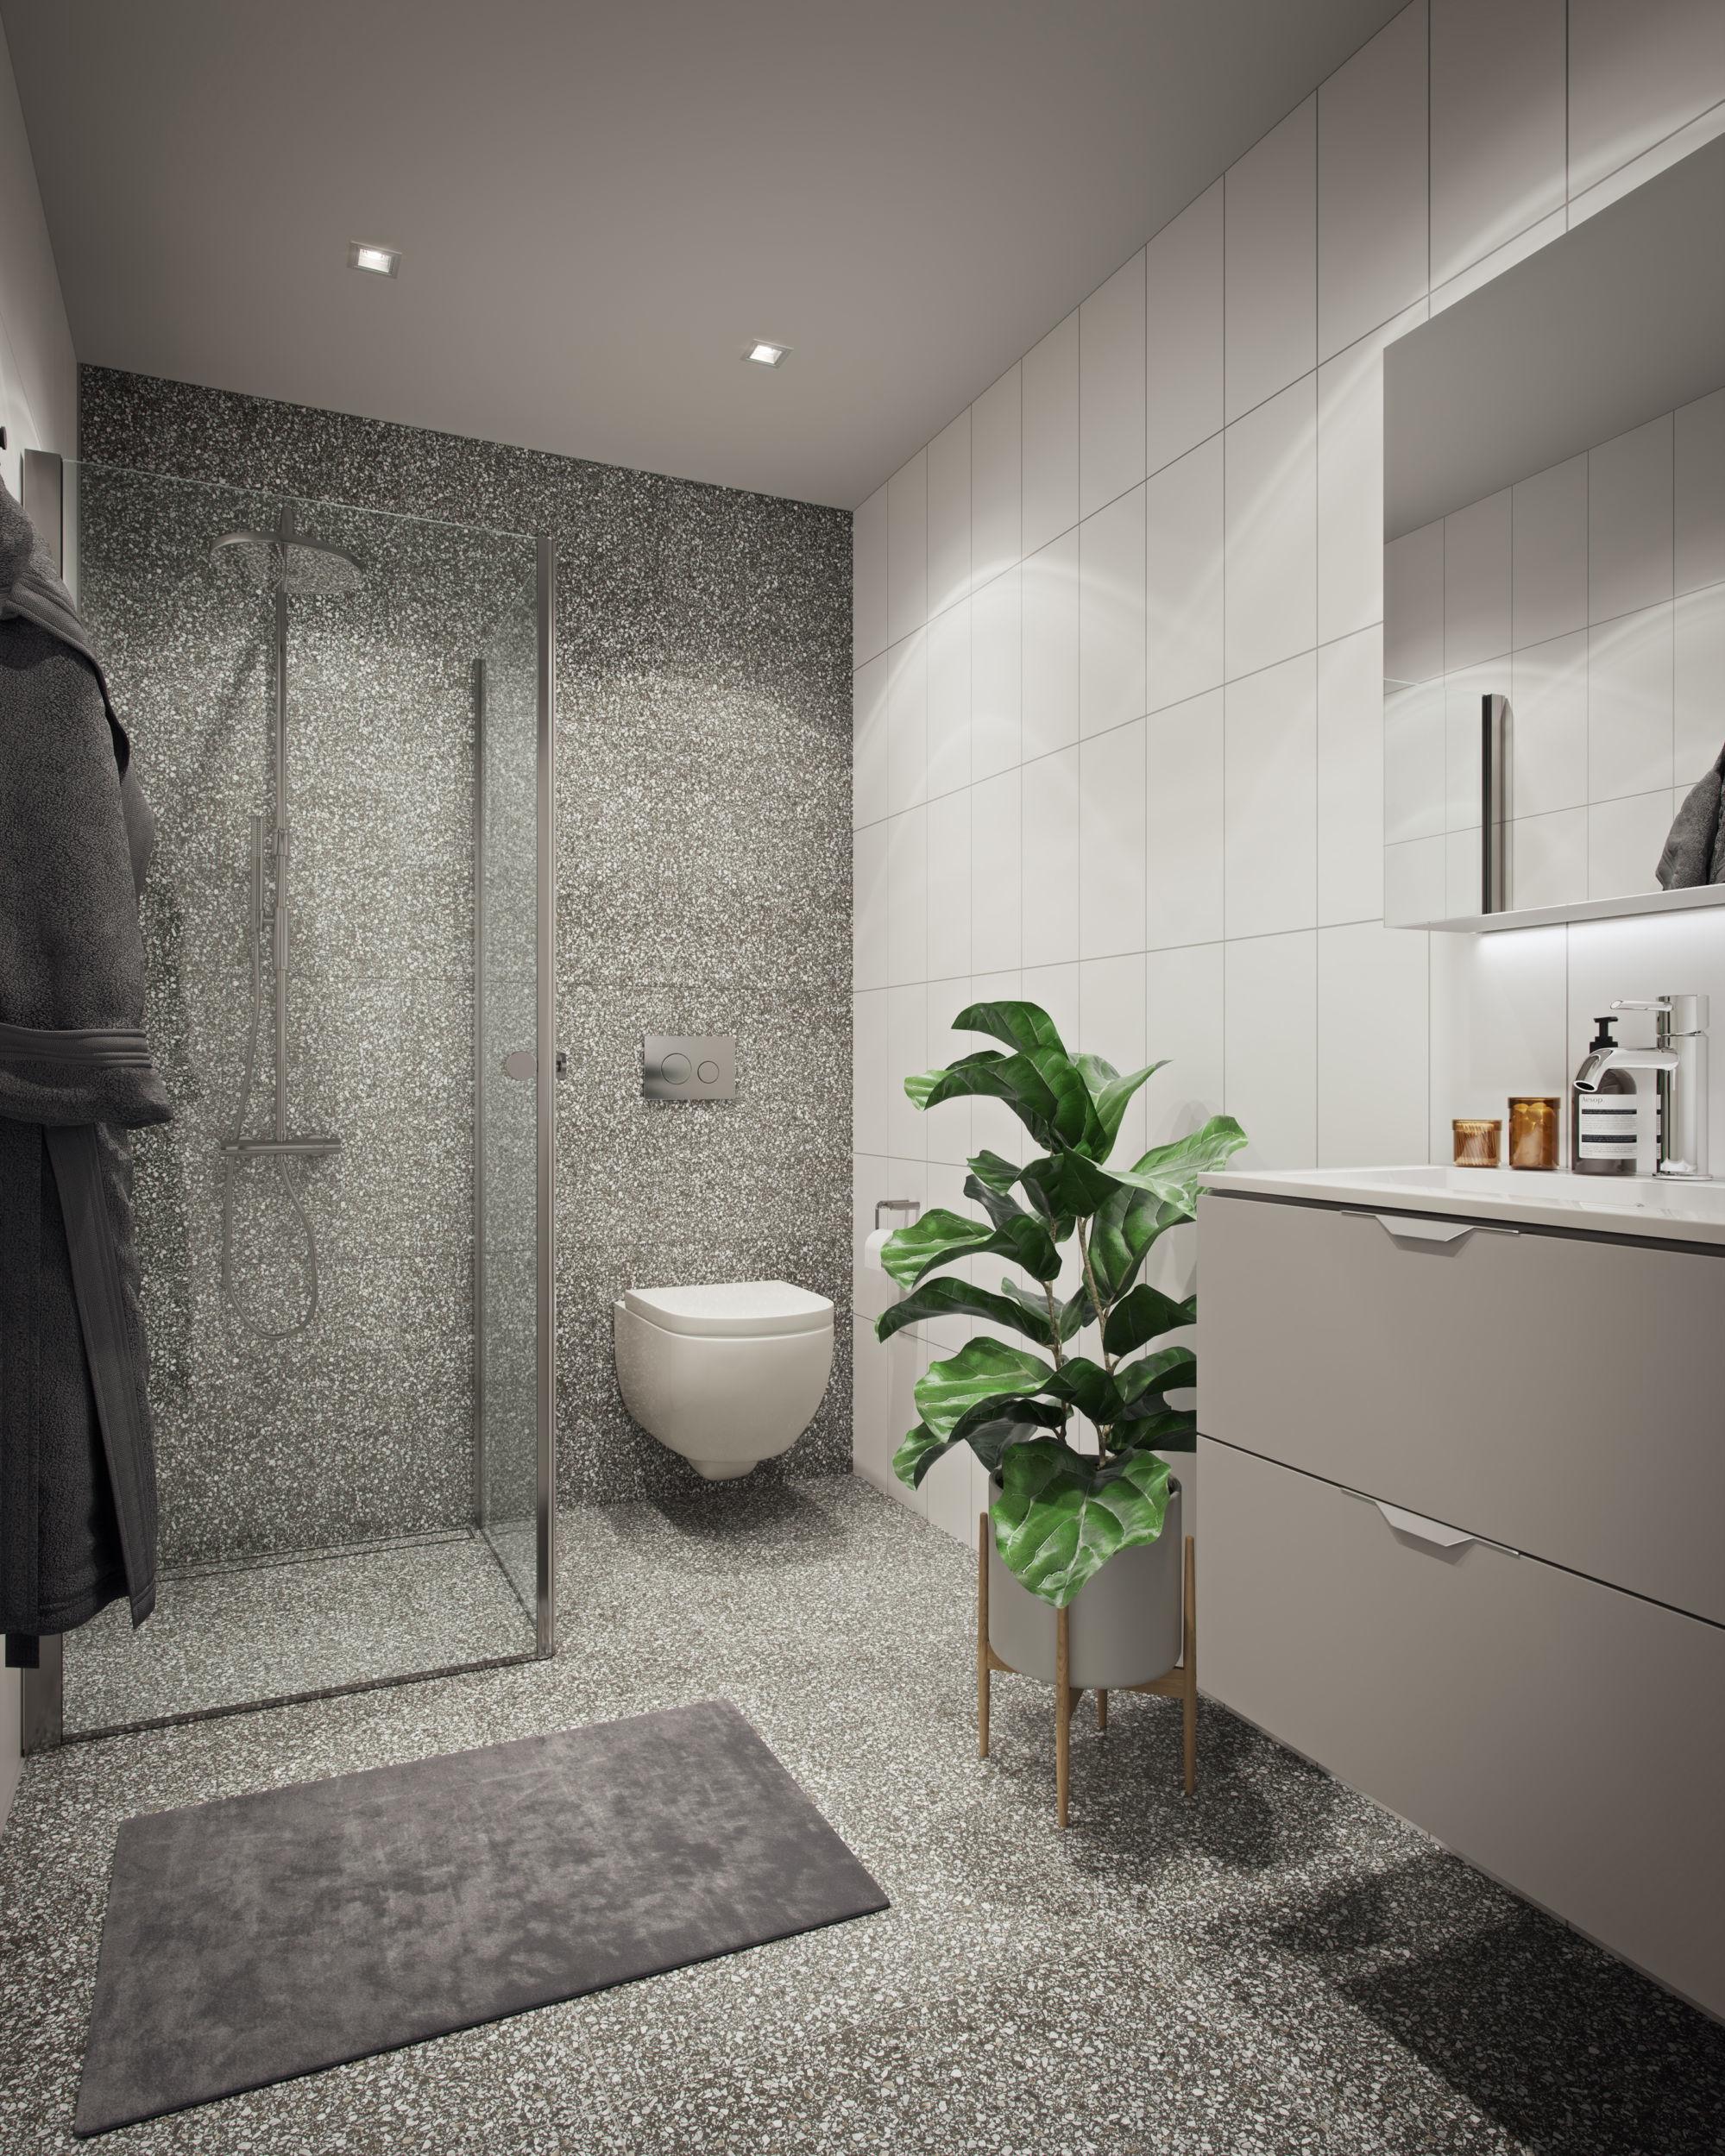 WEB_2260-04-PRI-i-04_Apt-H404_bathroom_R02_P&N-edit